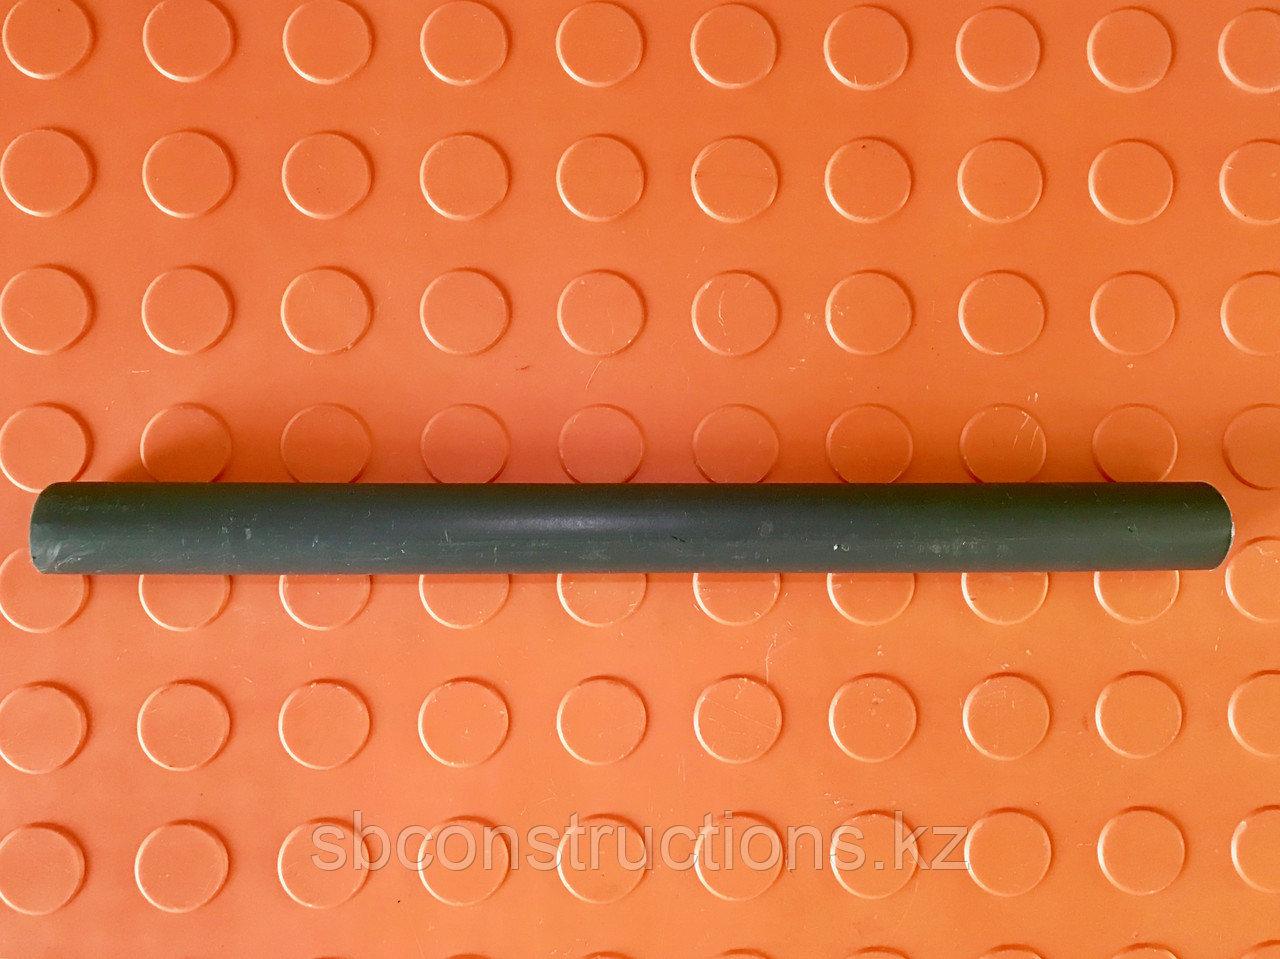 Трубка ПВХ тайрот для опалубки (стяжной винт, анкерный болт)